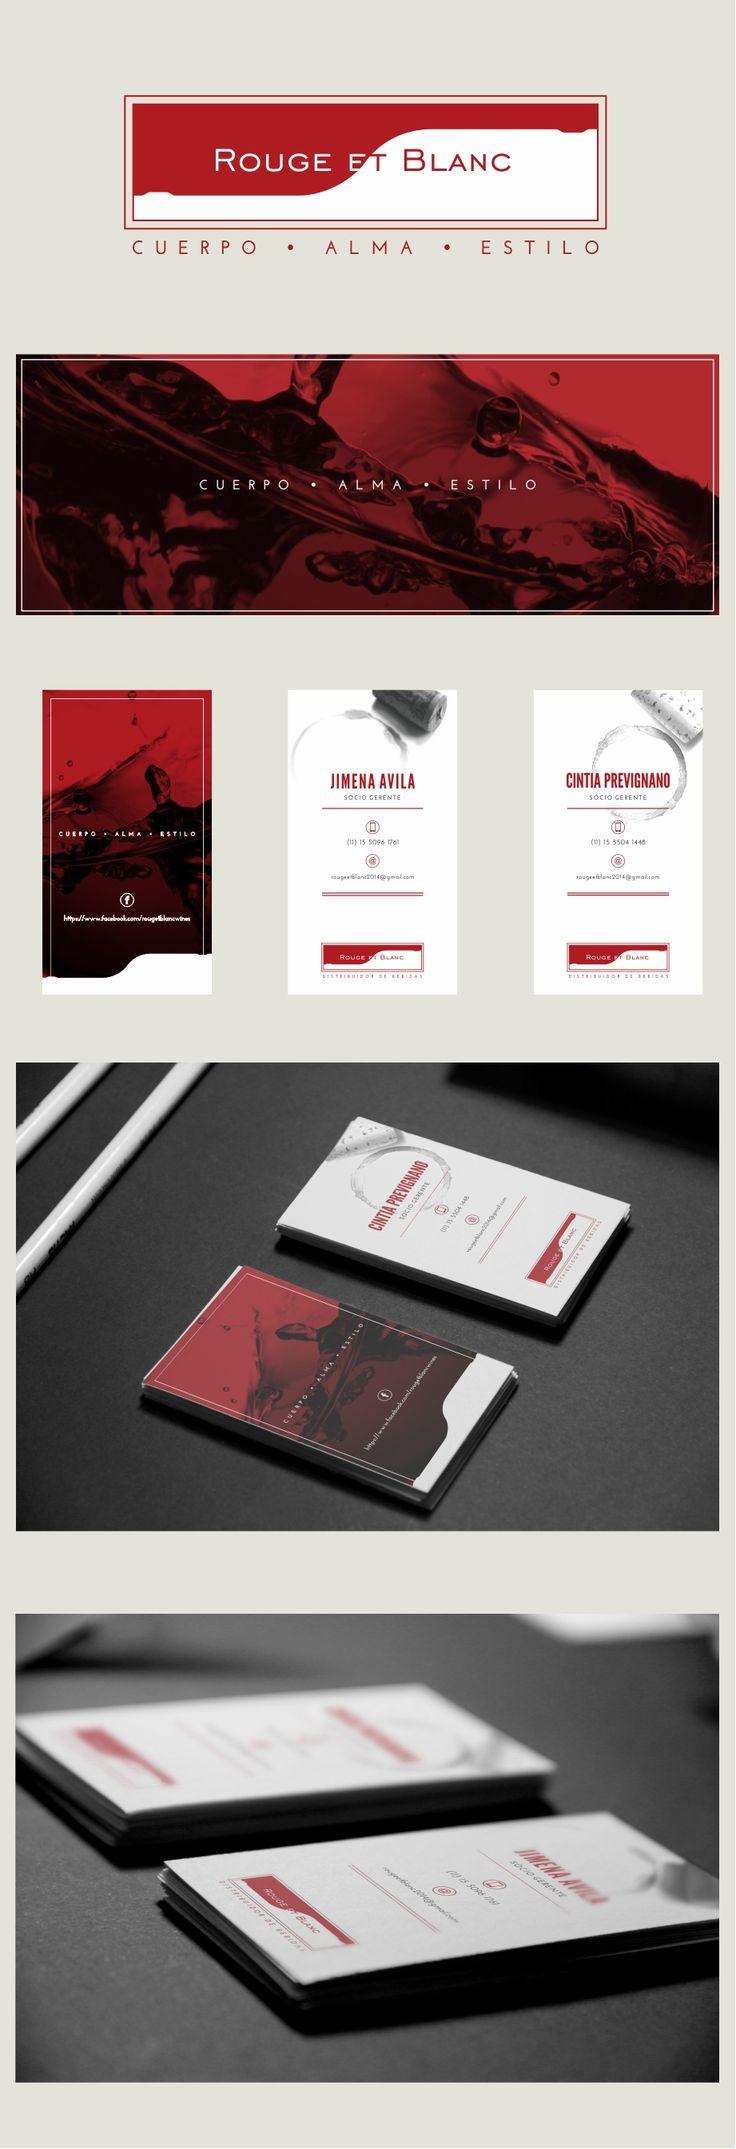 ROUGE ET BLANC | Distribuidora de Vinos | Marca + Portada FB + Brand + Tarjetas Personales / FB Profile + Personal Cards